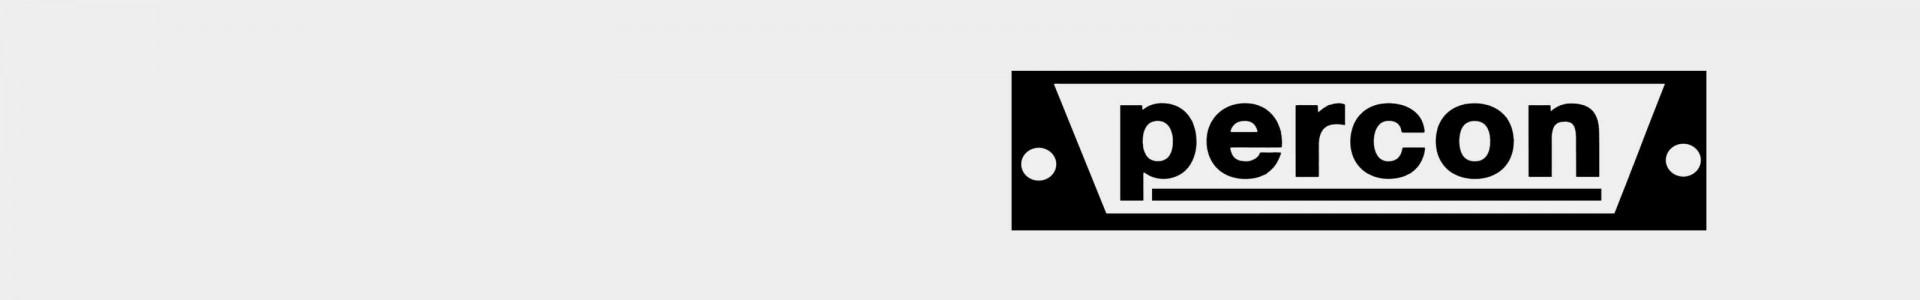 Cables de Vídeo PERCON VK - Resultados garantizados - Avacab